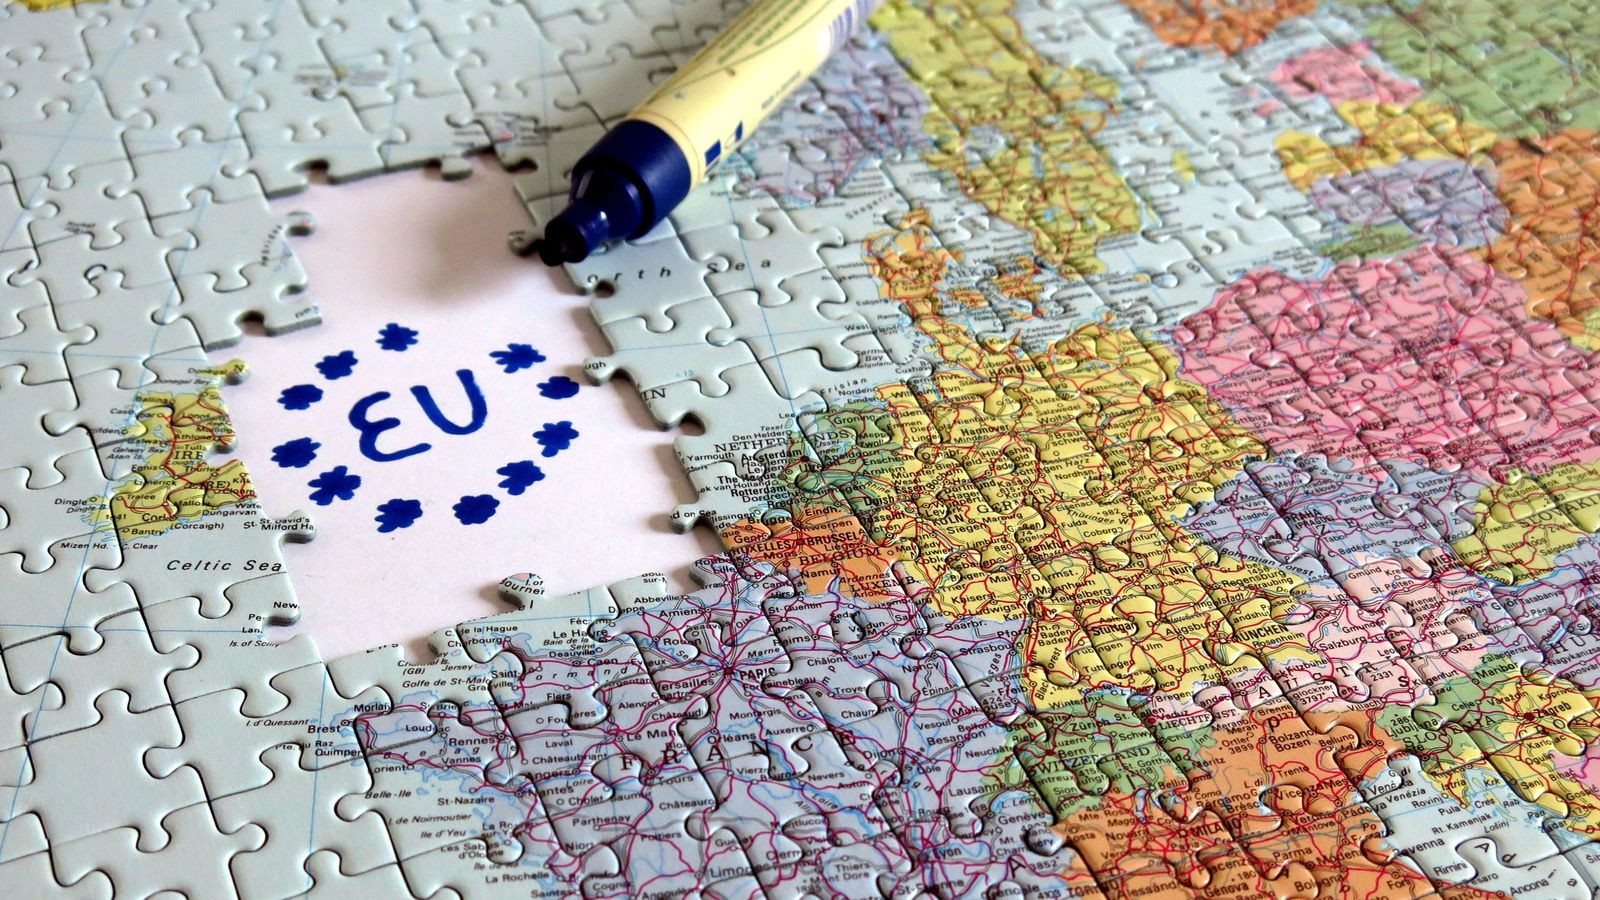 英首相「合意なきEU離脱」完遂のシナリオとは 「合意なき離脱」に踏み切る可能性